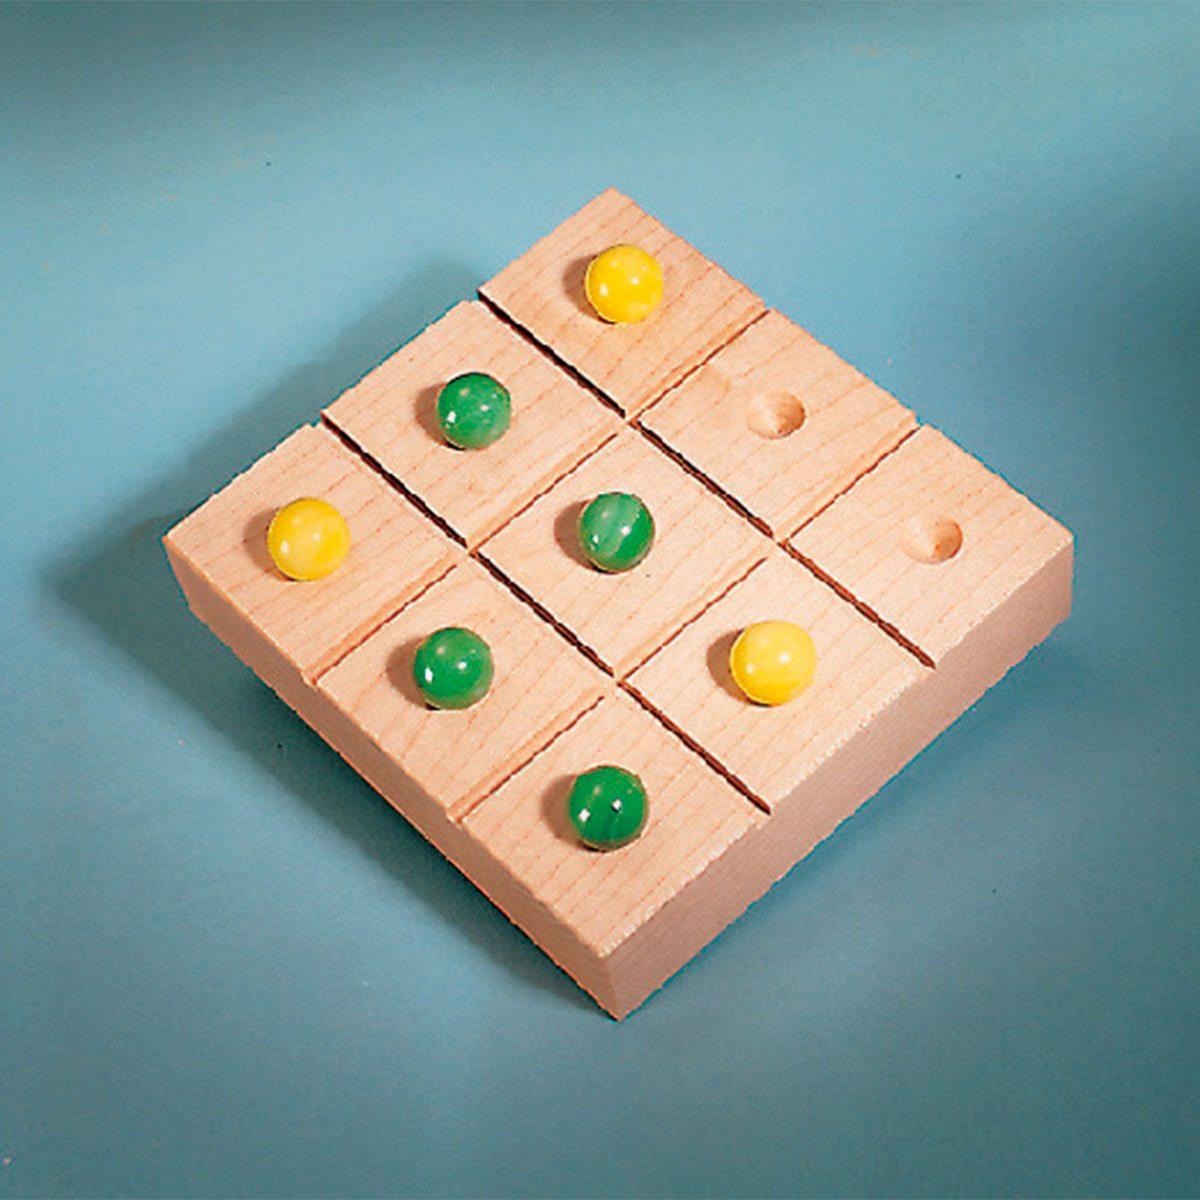 tic-tac-toe board